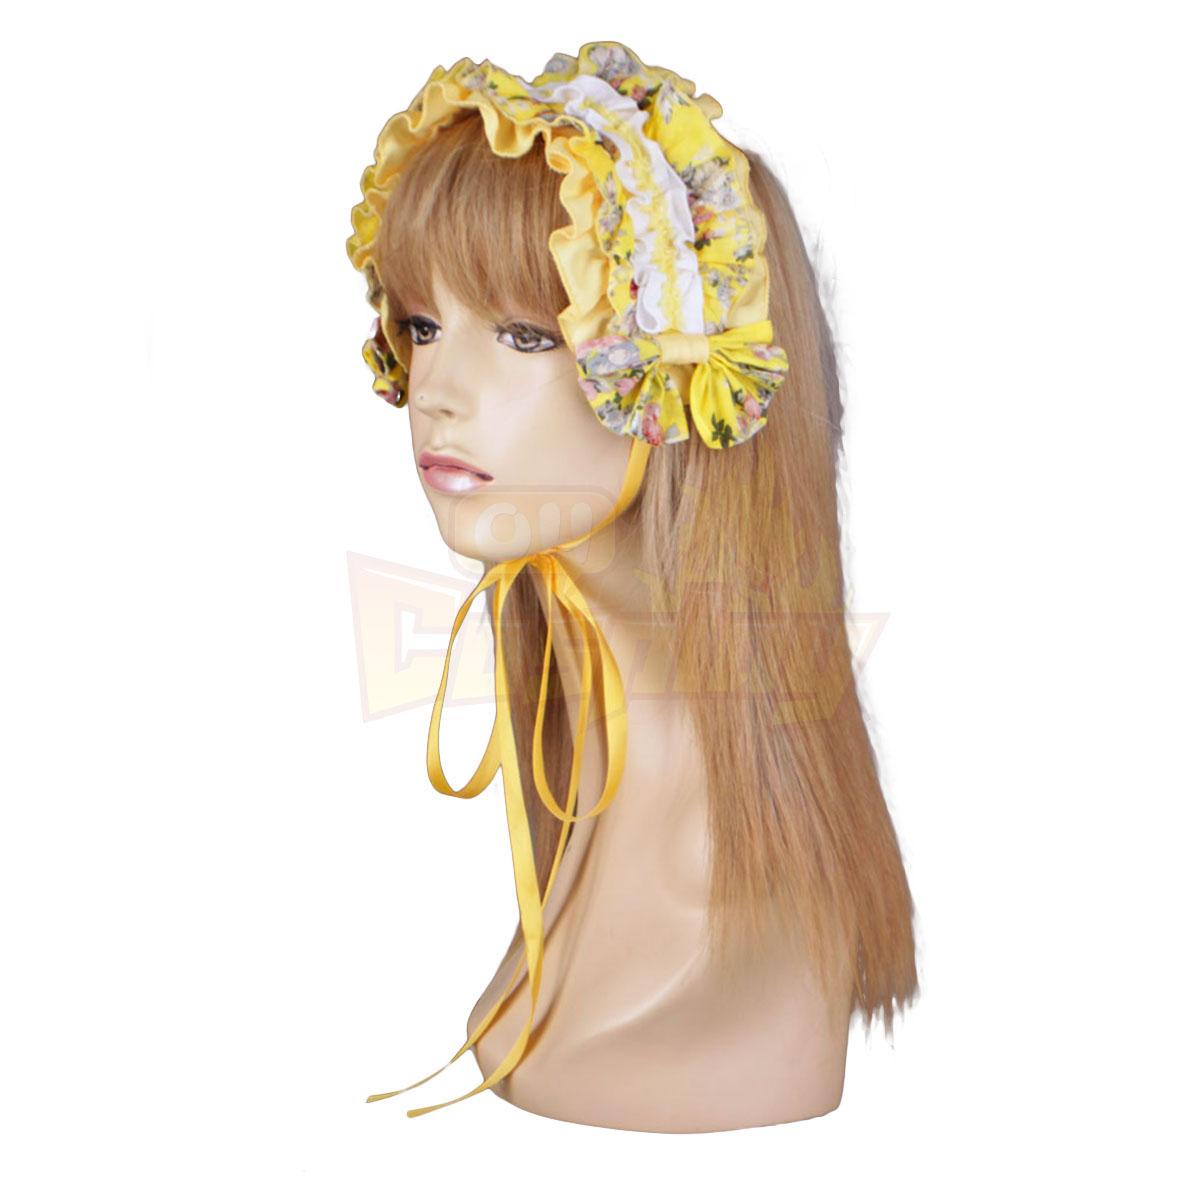 ديلوكس لوليتا الثقافة الأصفر القماش الاطارات فساتين قصيرة كيمونو كوزبلاي ازياء